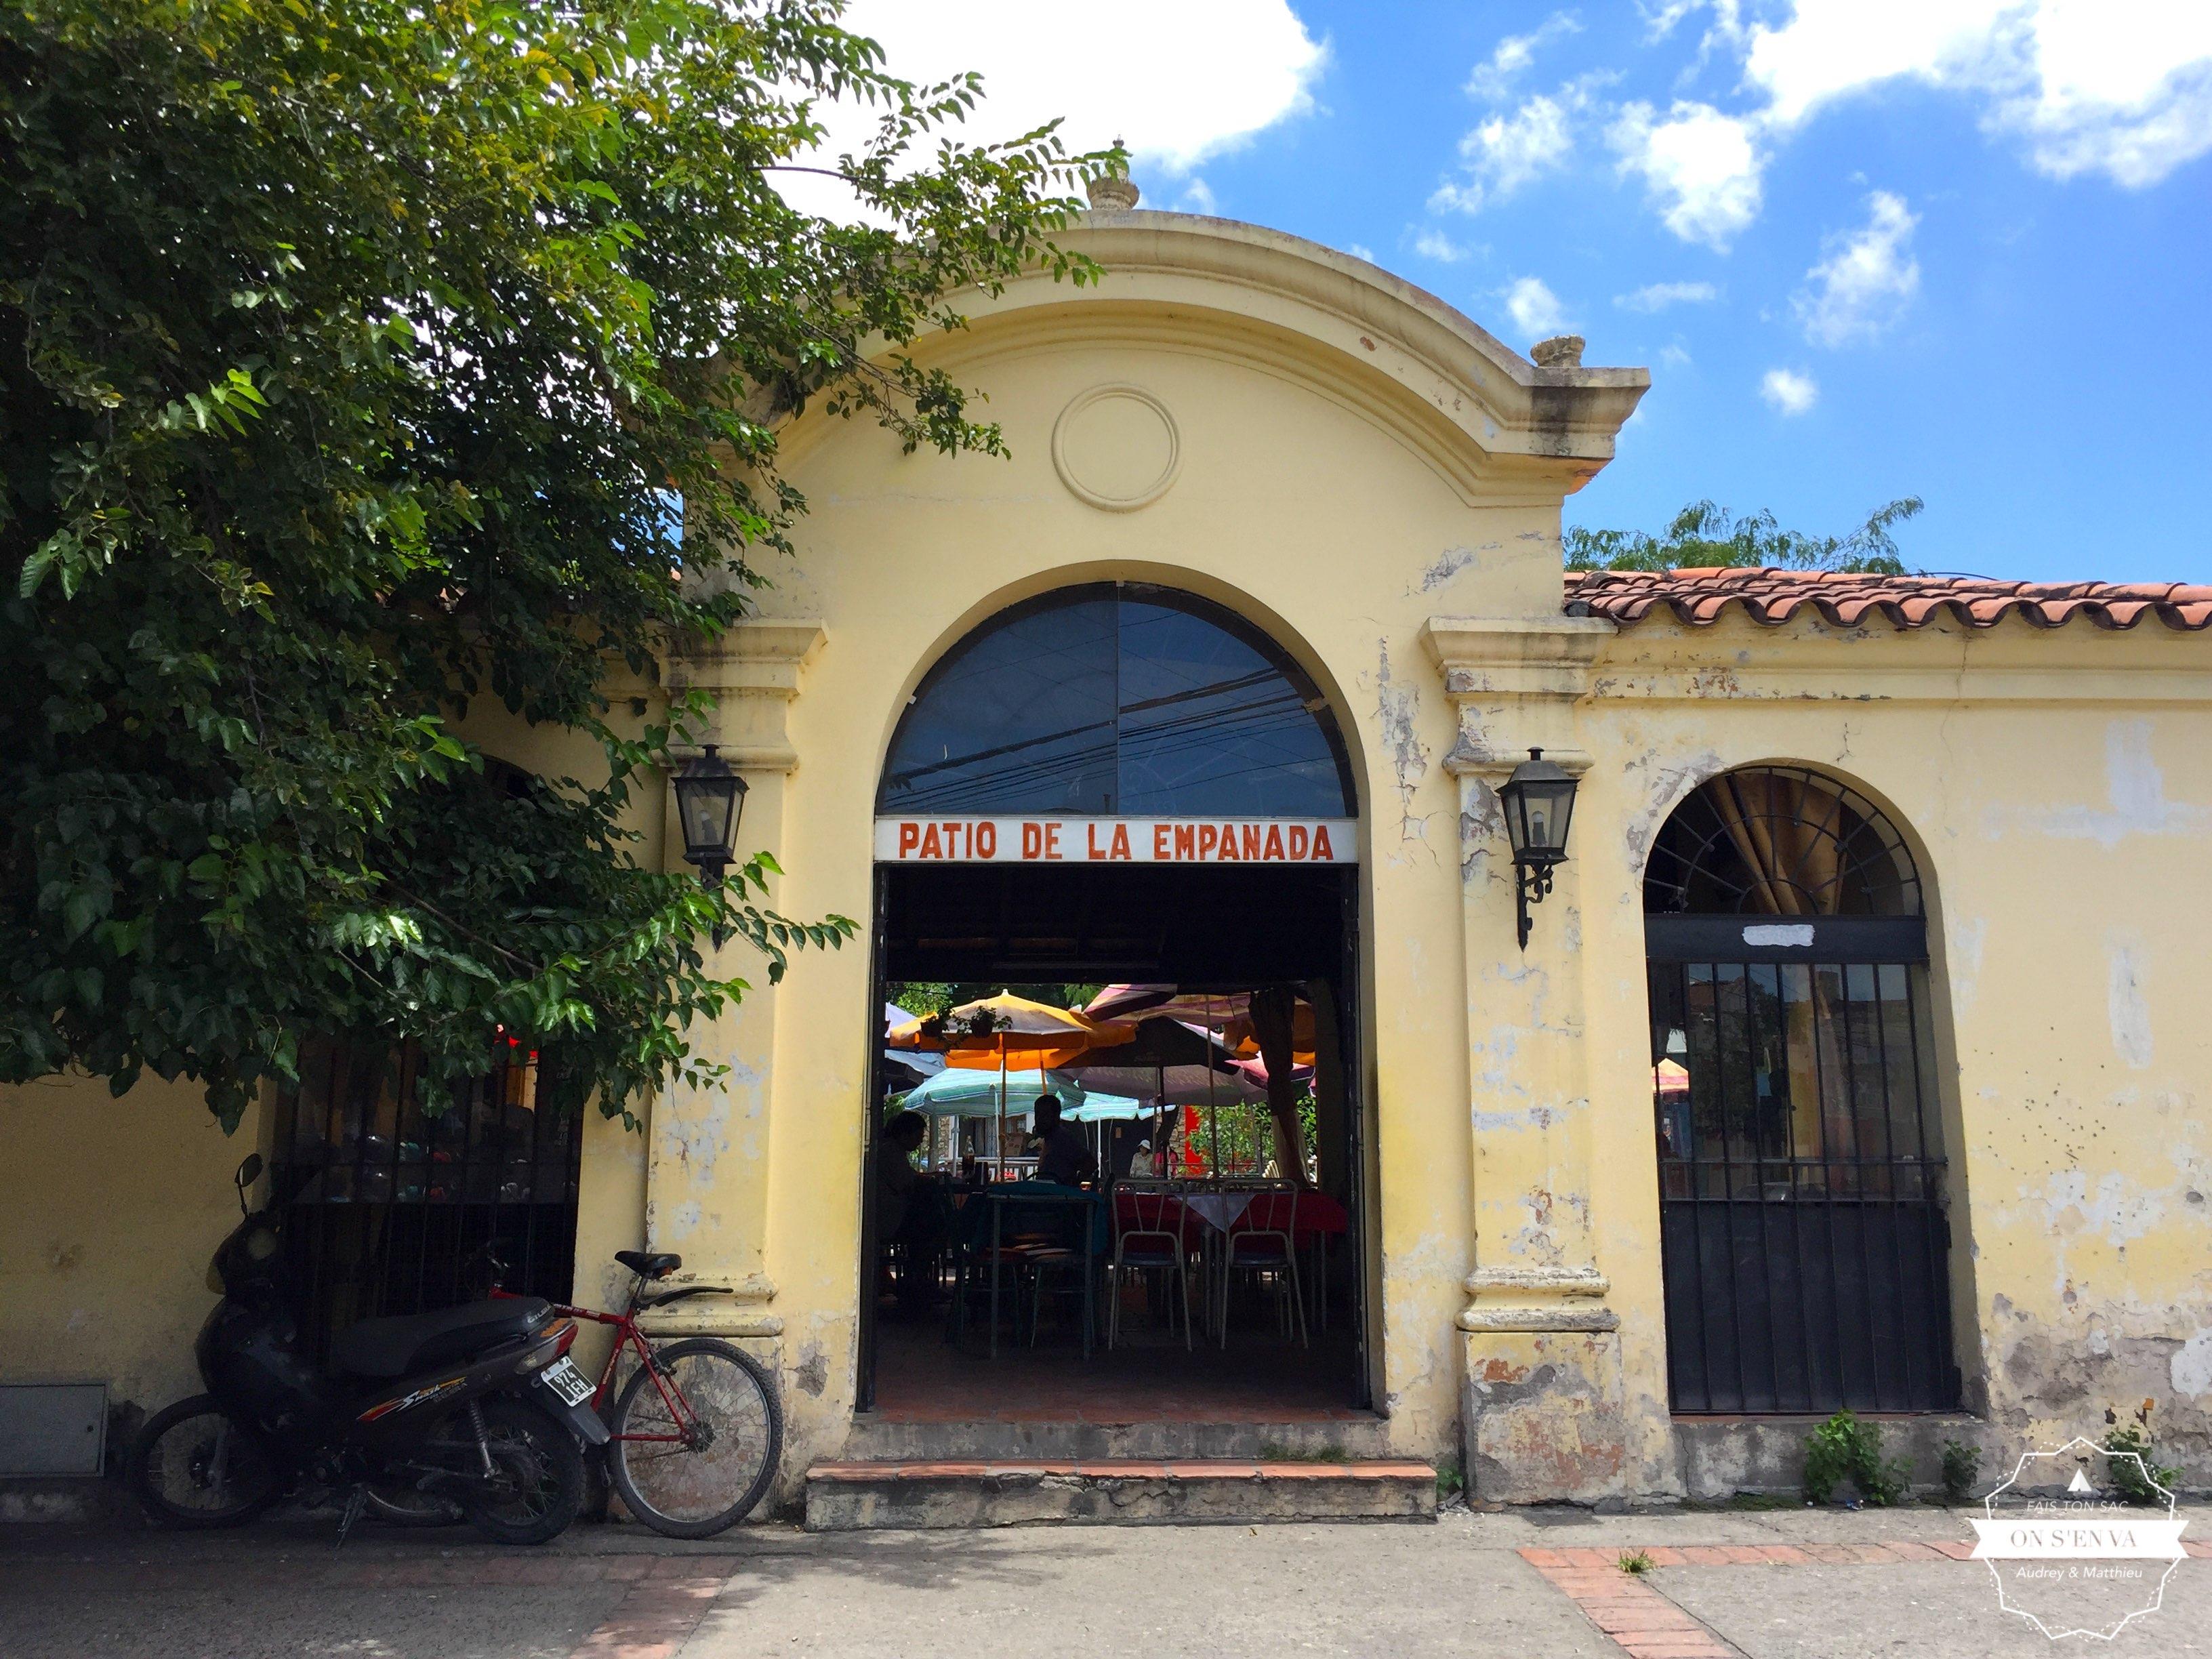 LE palais des empanadas